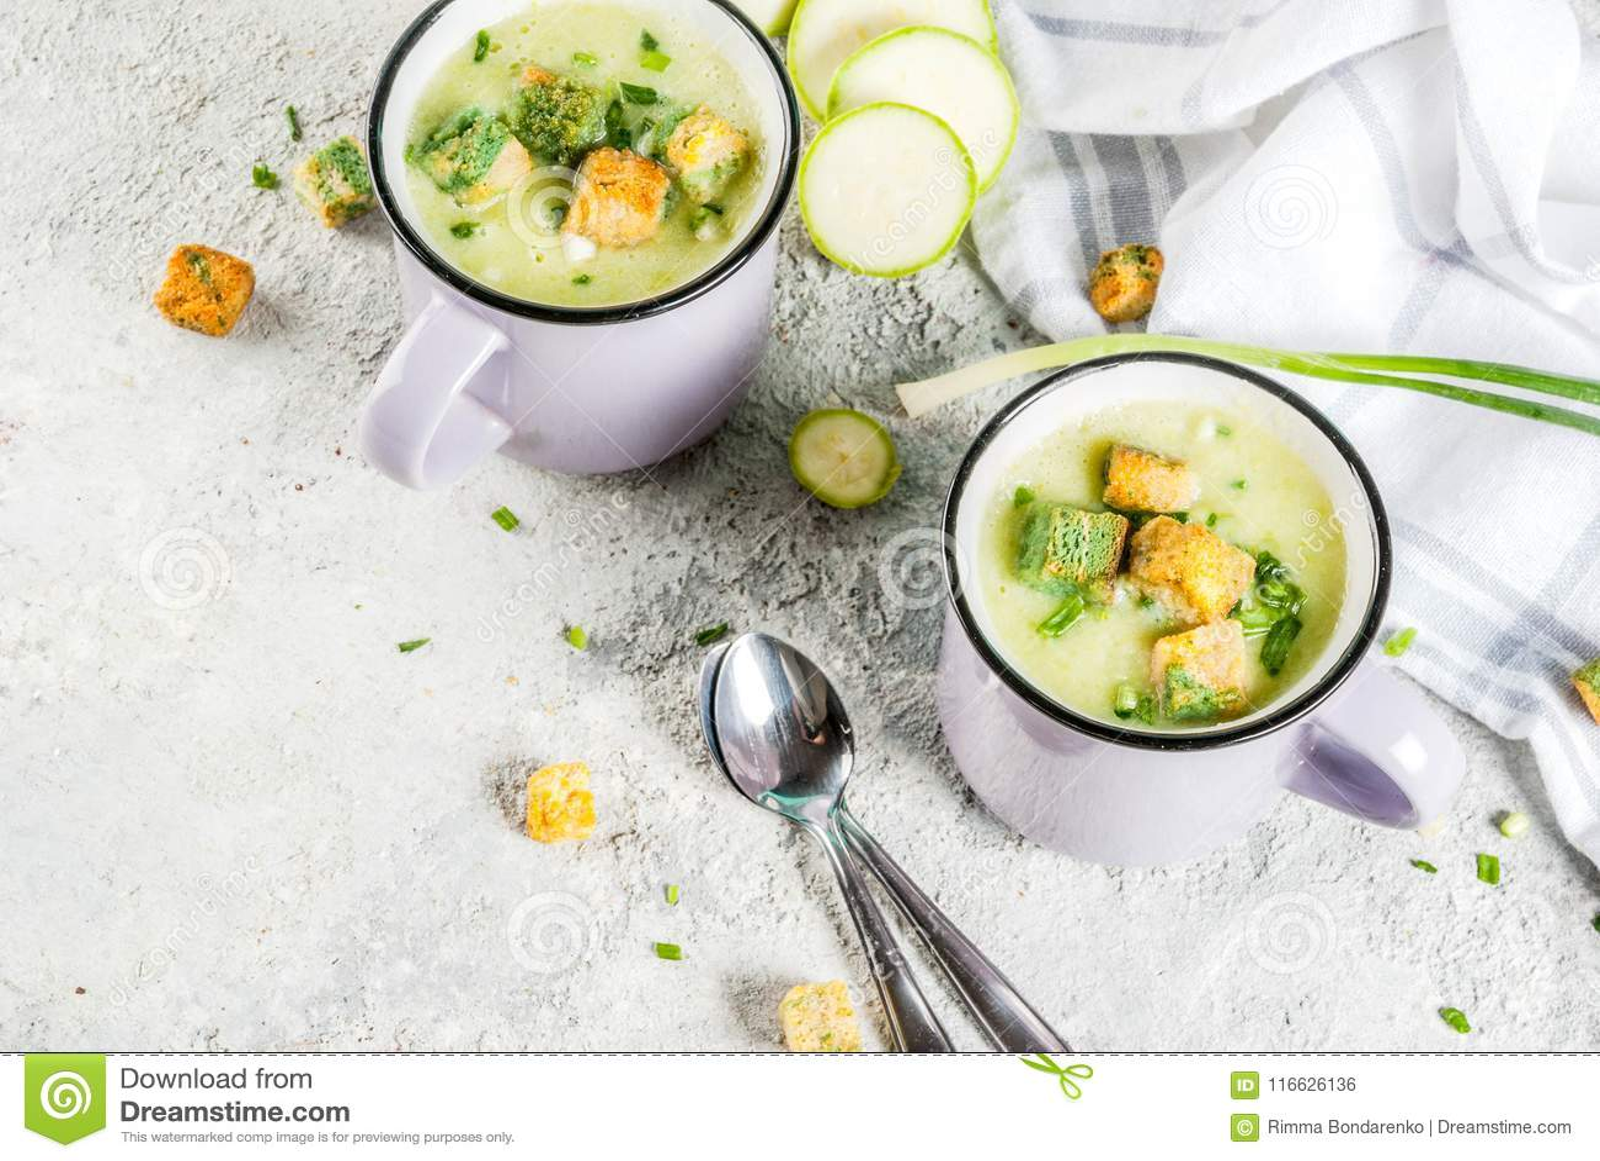 Courgette romige soep